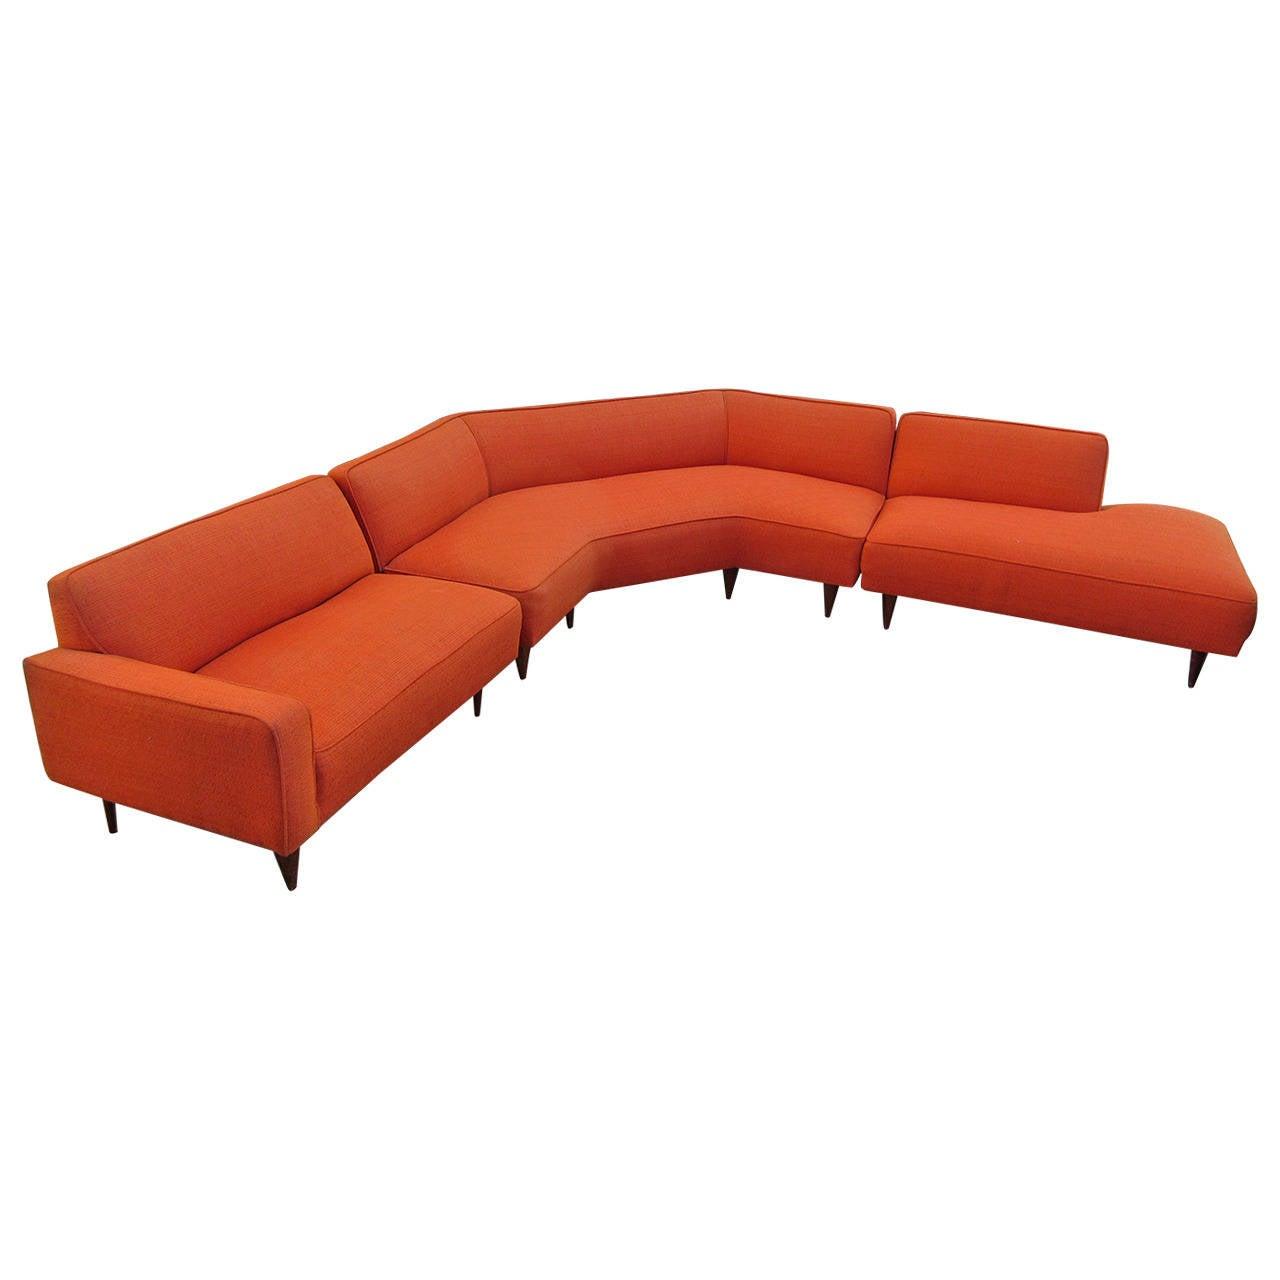 Rosewood Sofa Set Images Plushemisphere Leather